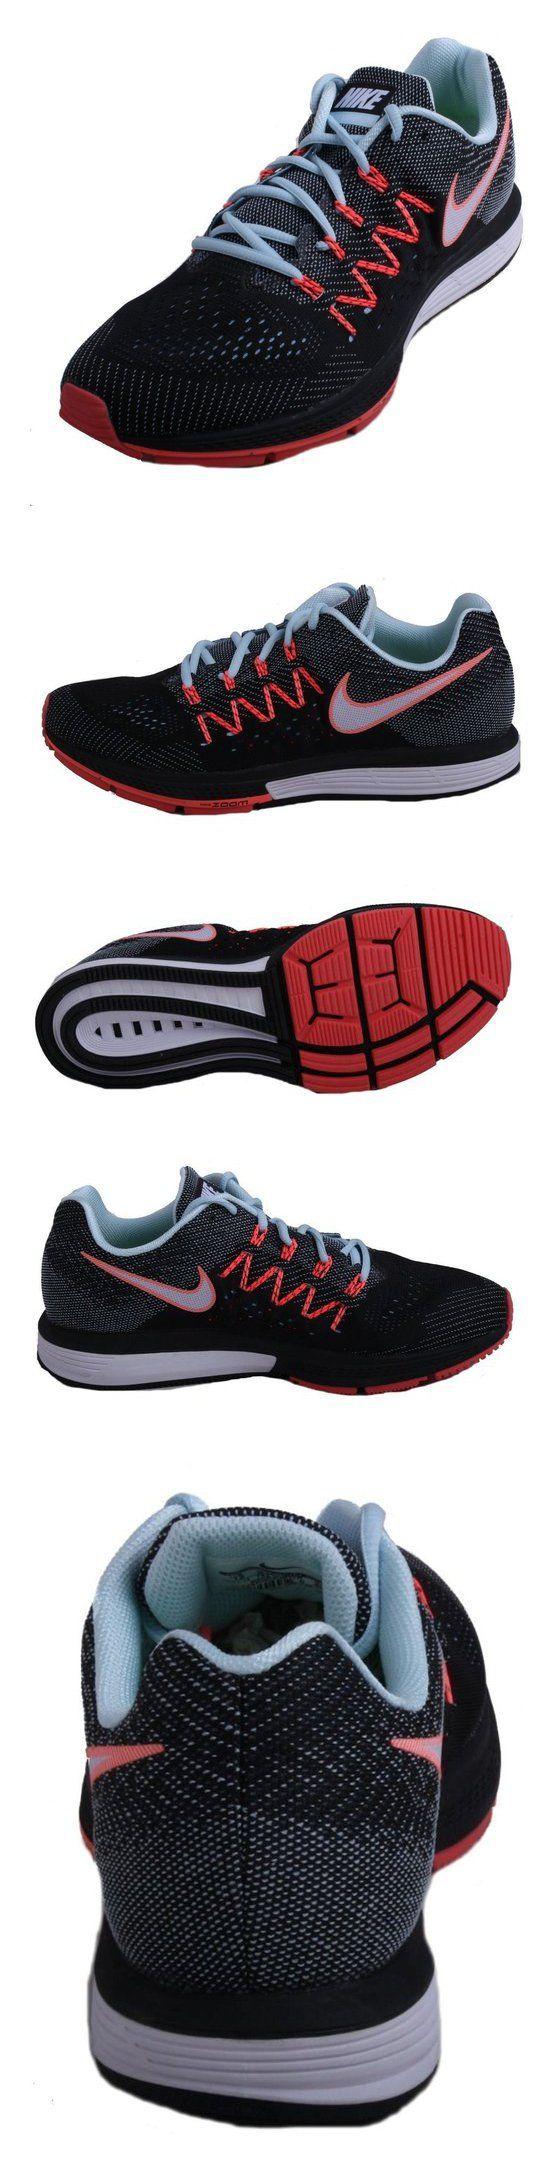 $2000 - Nike Air Zoom Vomero 10 Womens Ice White/Black/Hot Lava Running